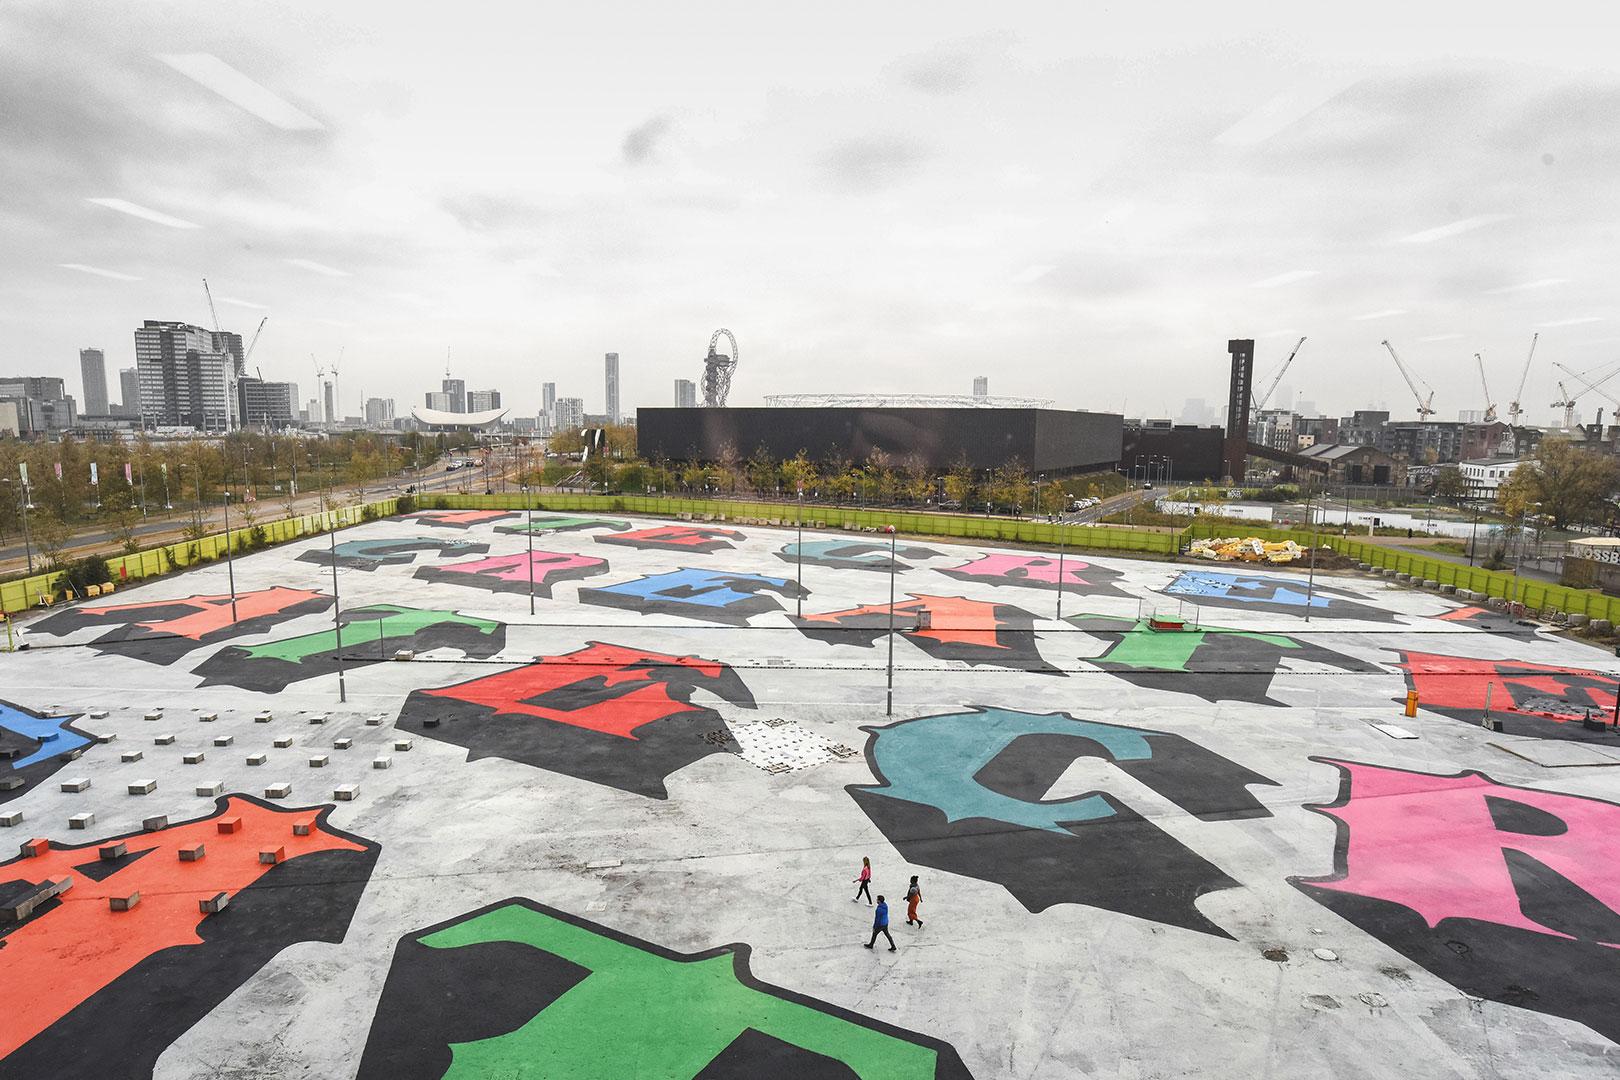 Das 17.500 Quadratmeter große Kunstwerk in East London